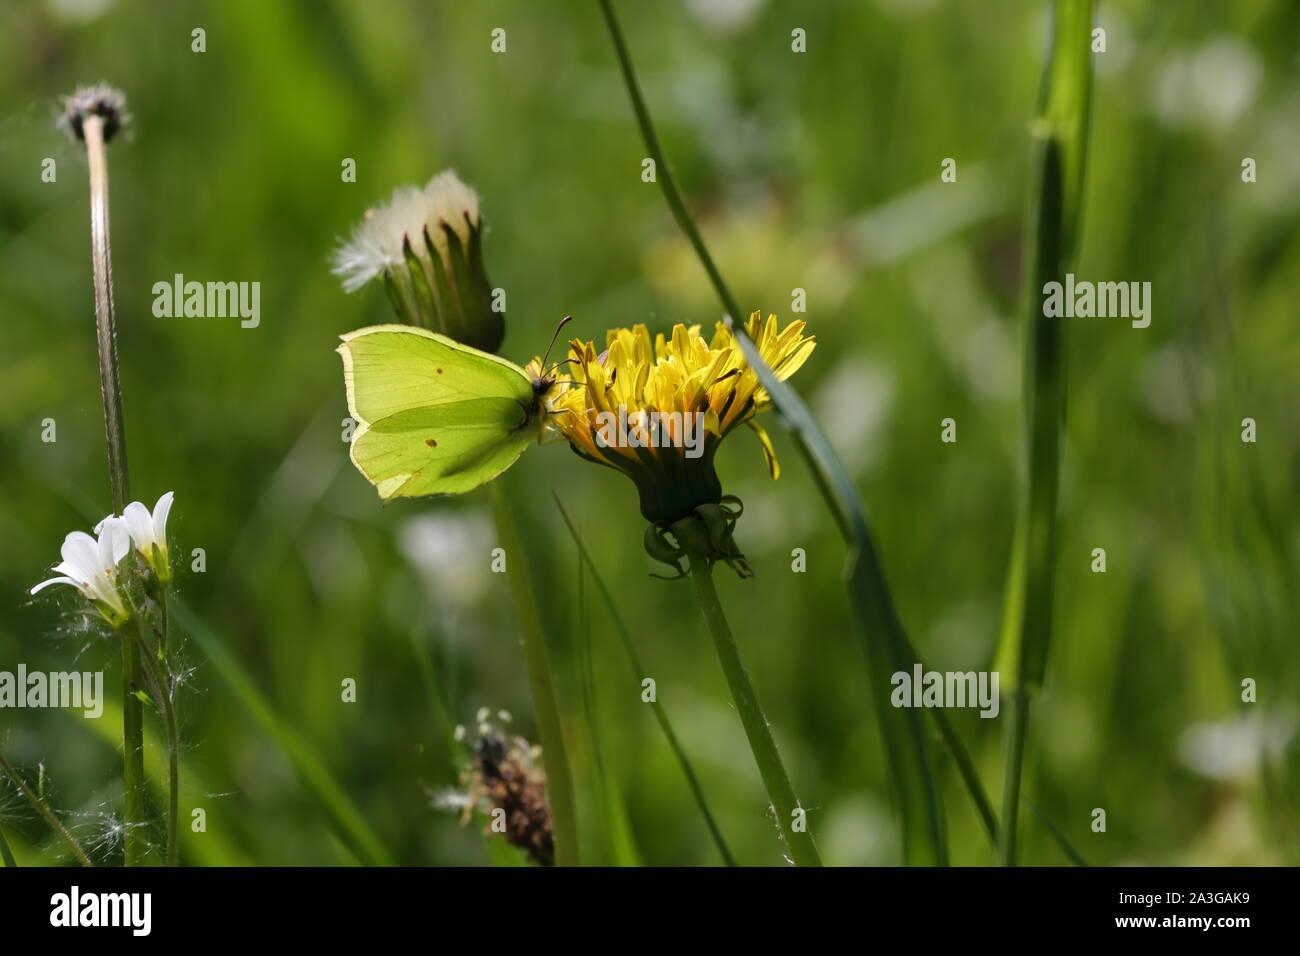 Brimstone butterfly on a dandelion flower Stock Photo